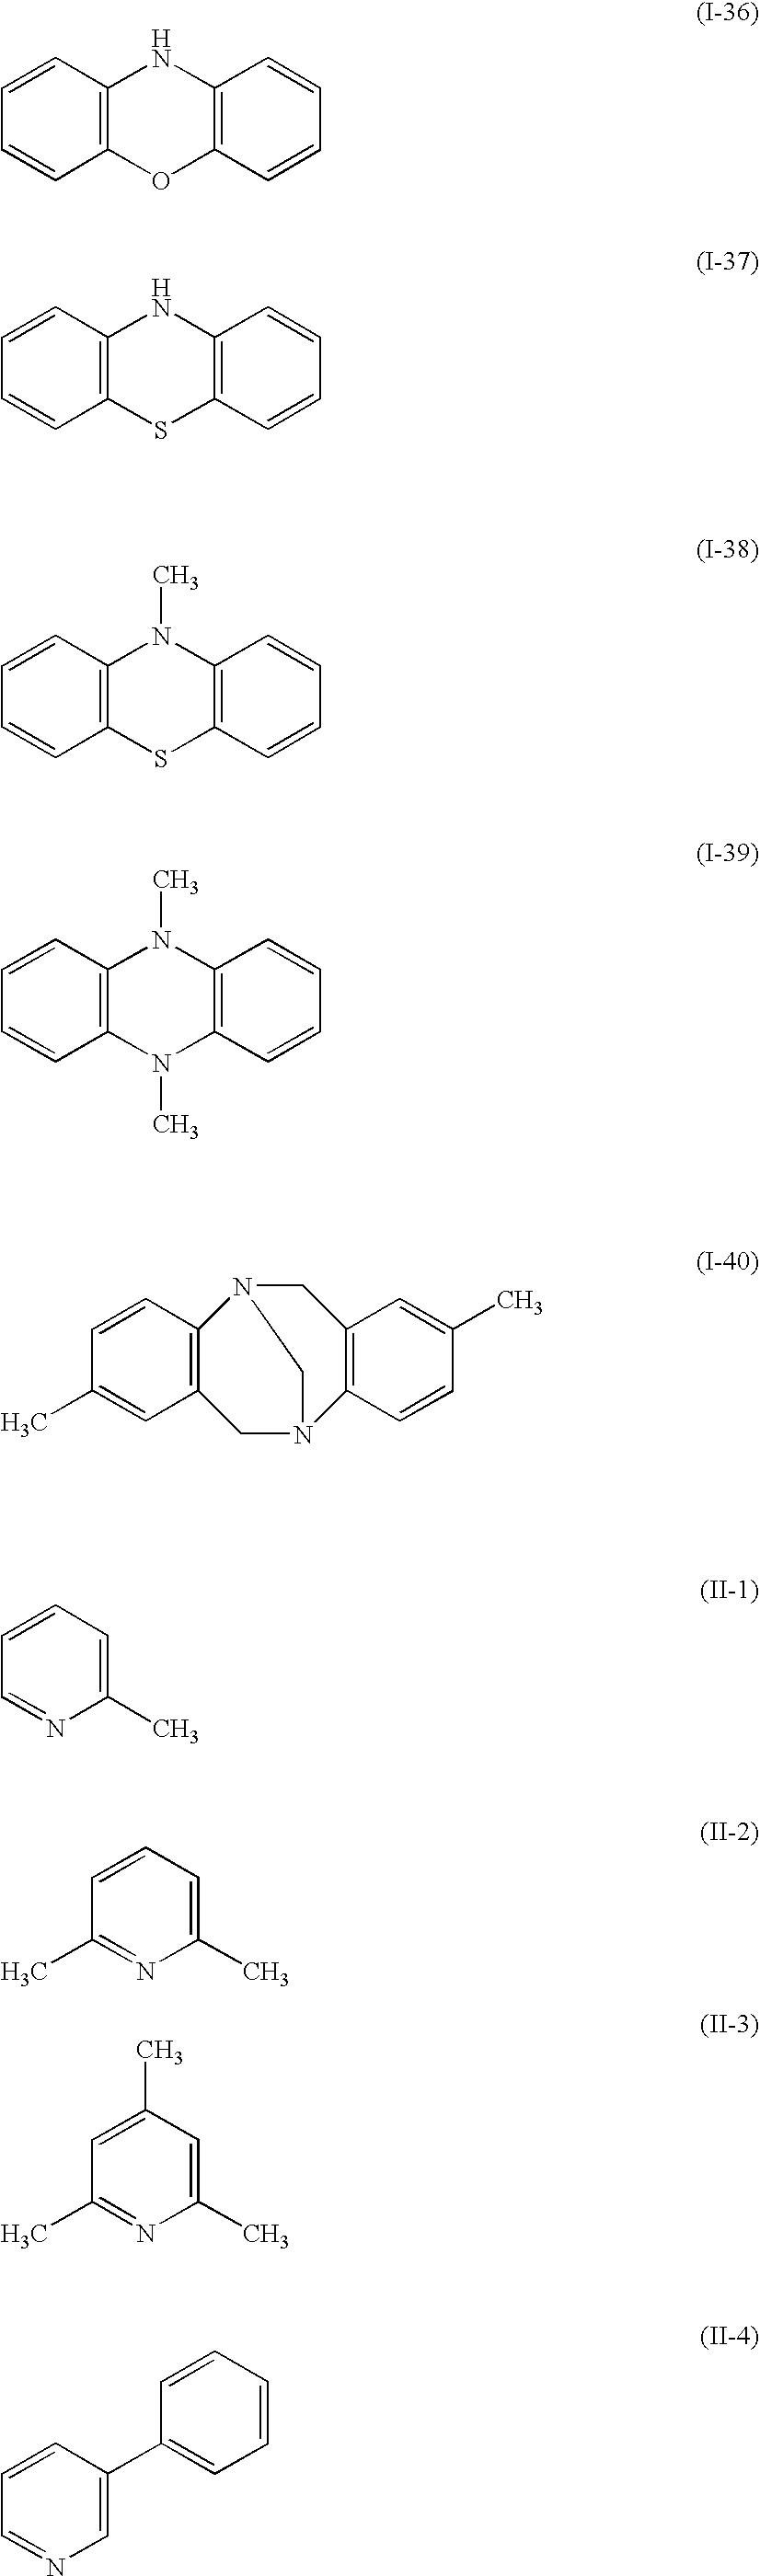 Figure US20060204732A1-20060914-C00009